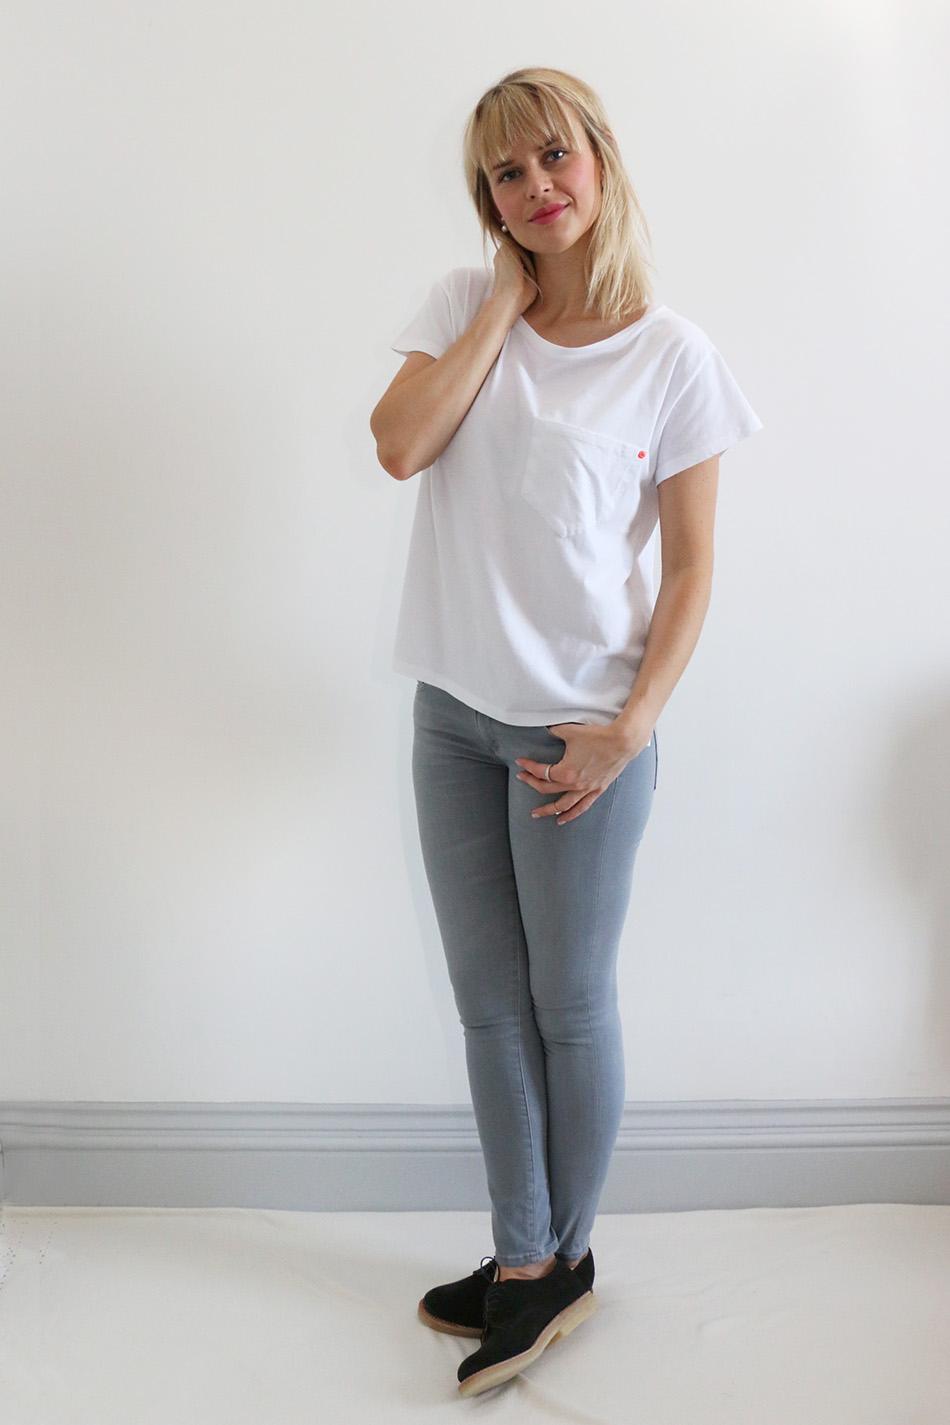 Fringe and Doll Back to basics grey and white IMG_8988